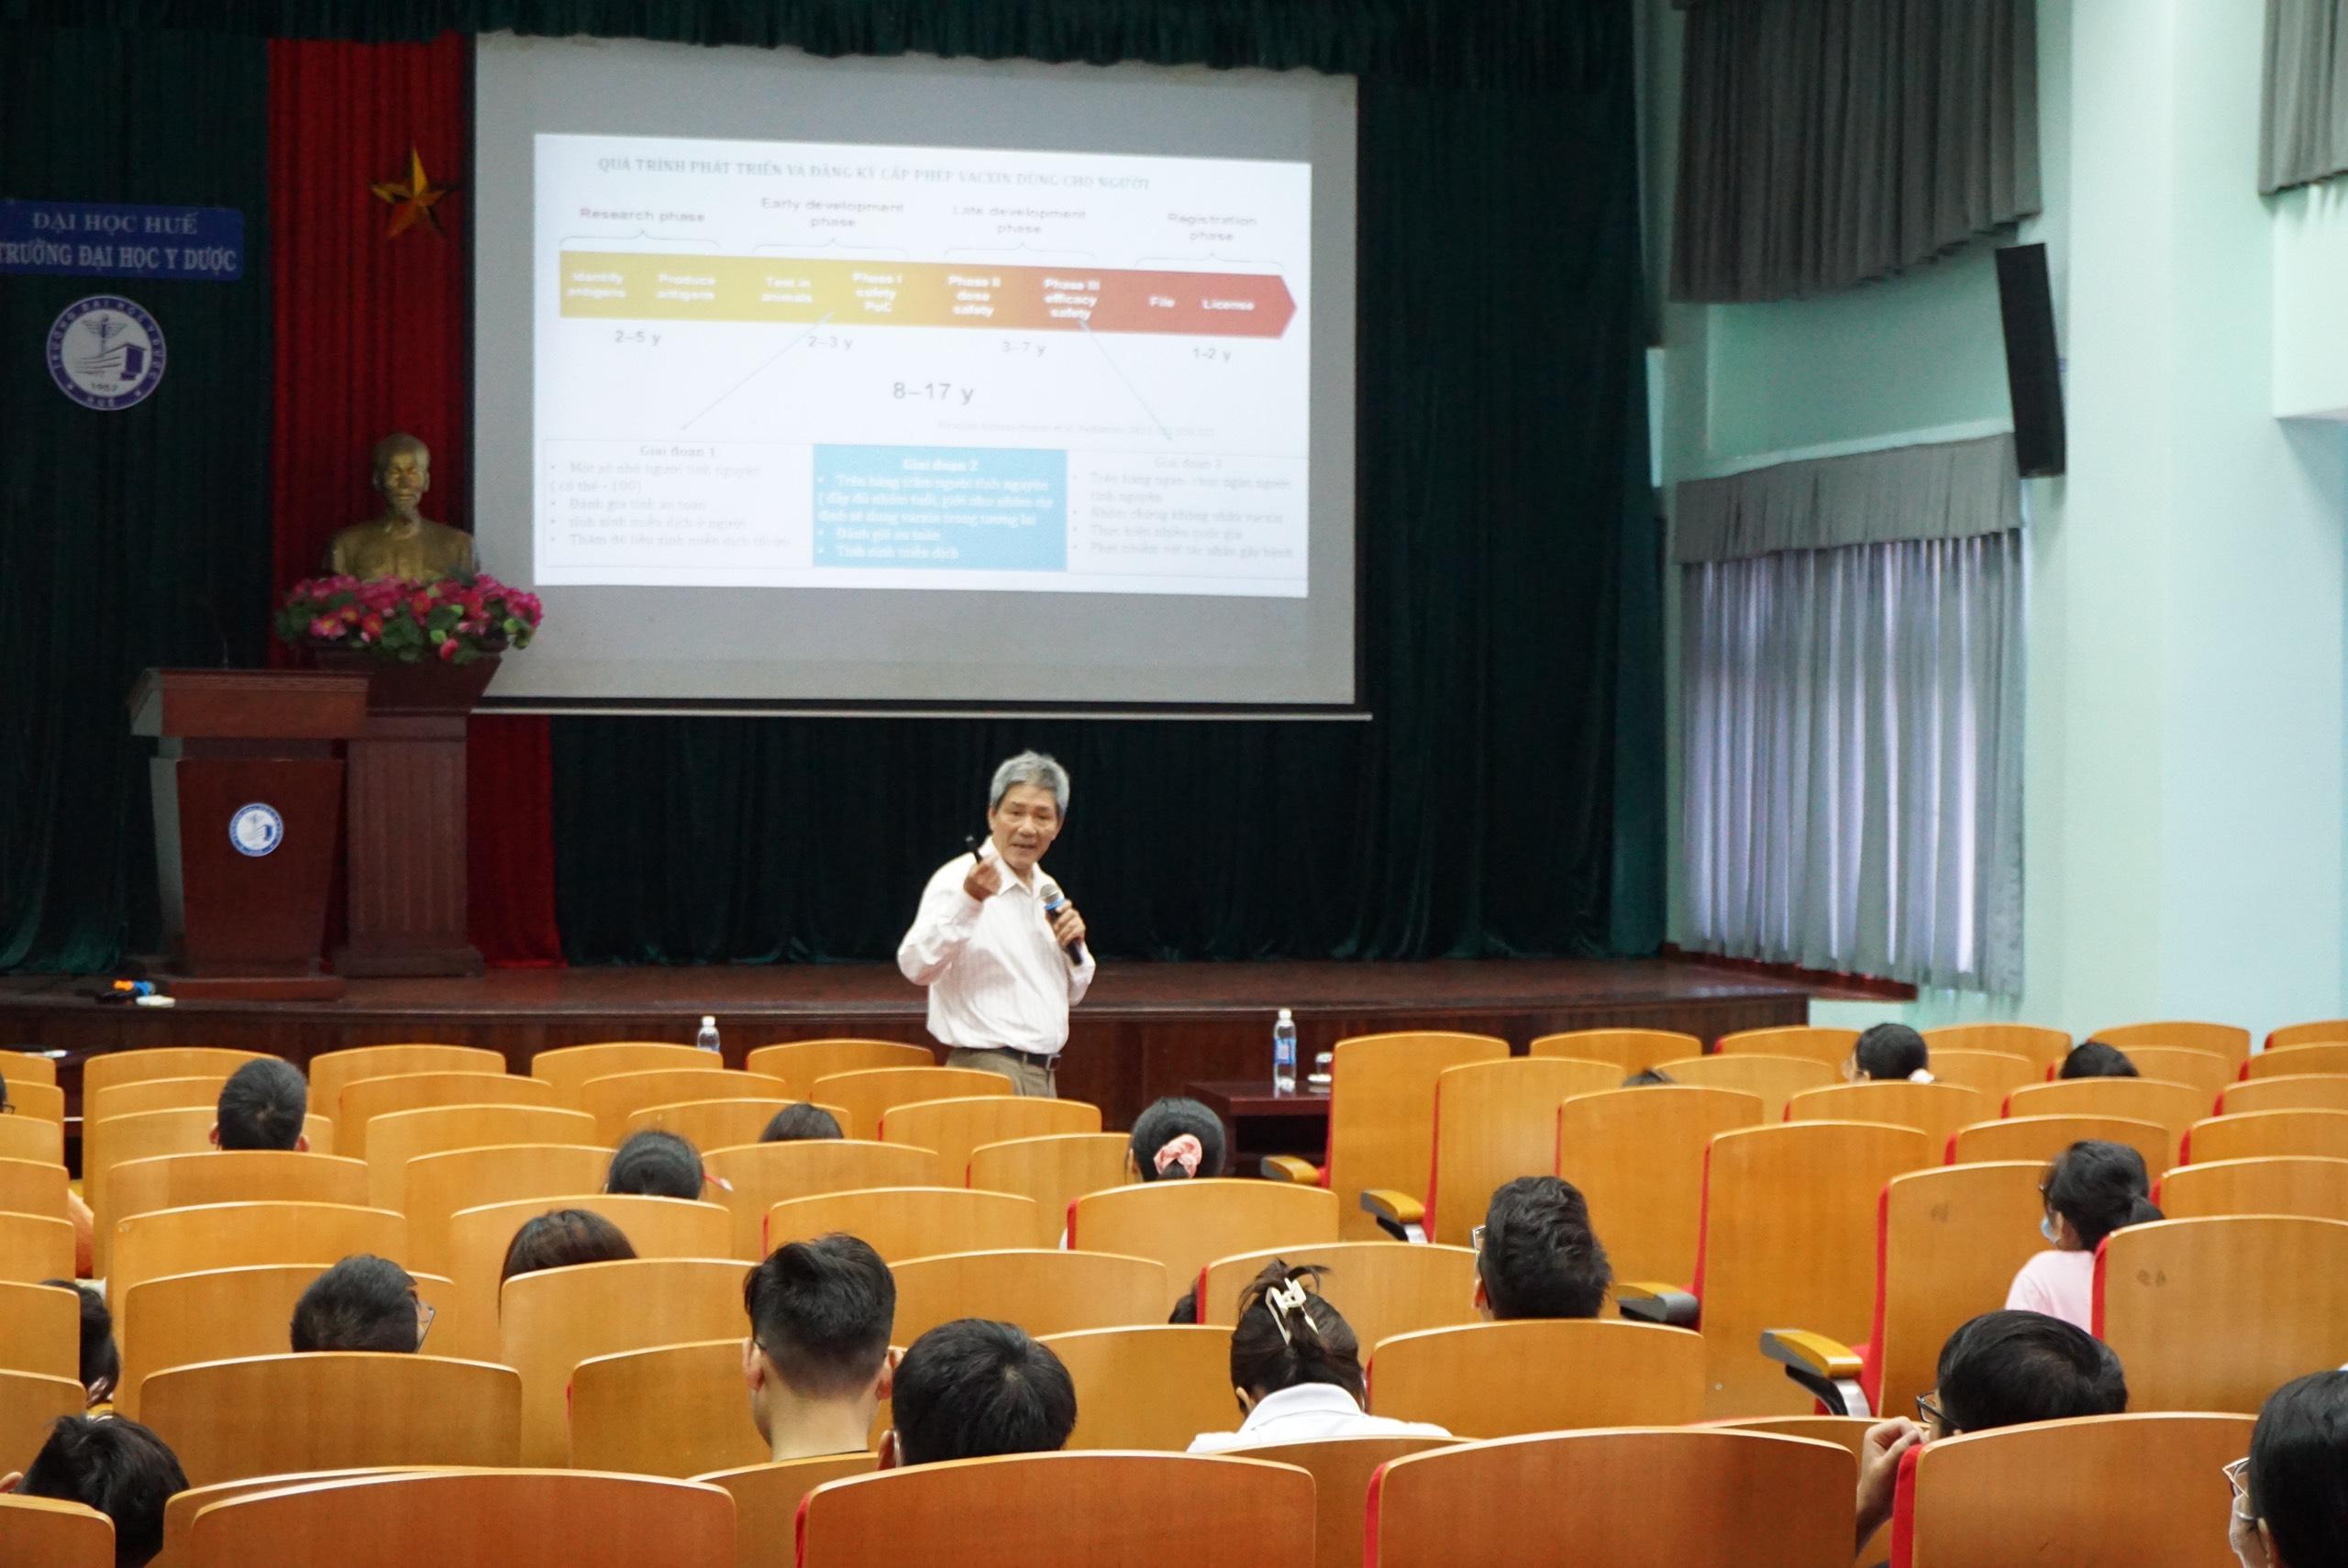 Tập huấn kiến thức cơ bản về phòng chống dịch bệnh COVID-19 cho sinh viên tốt nghiệp năm 2021